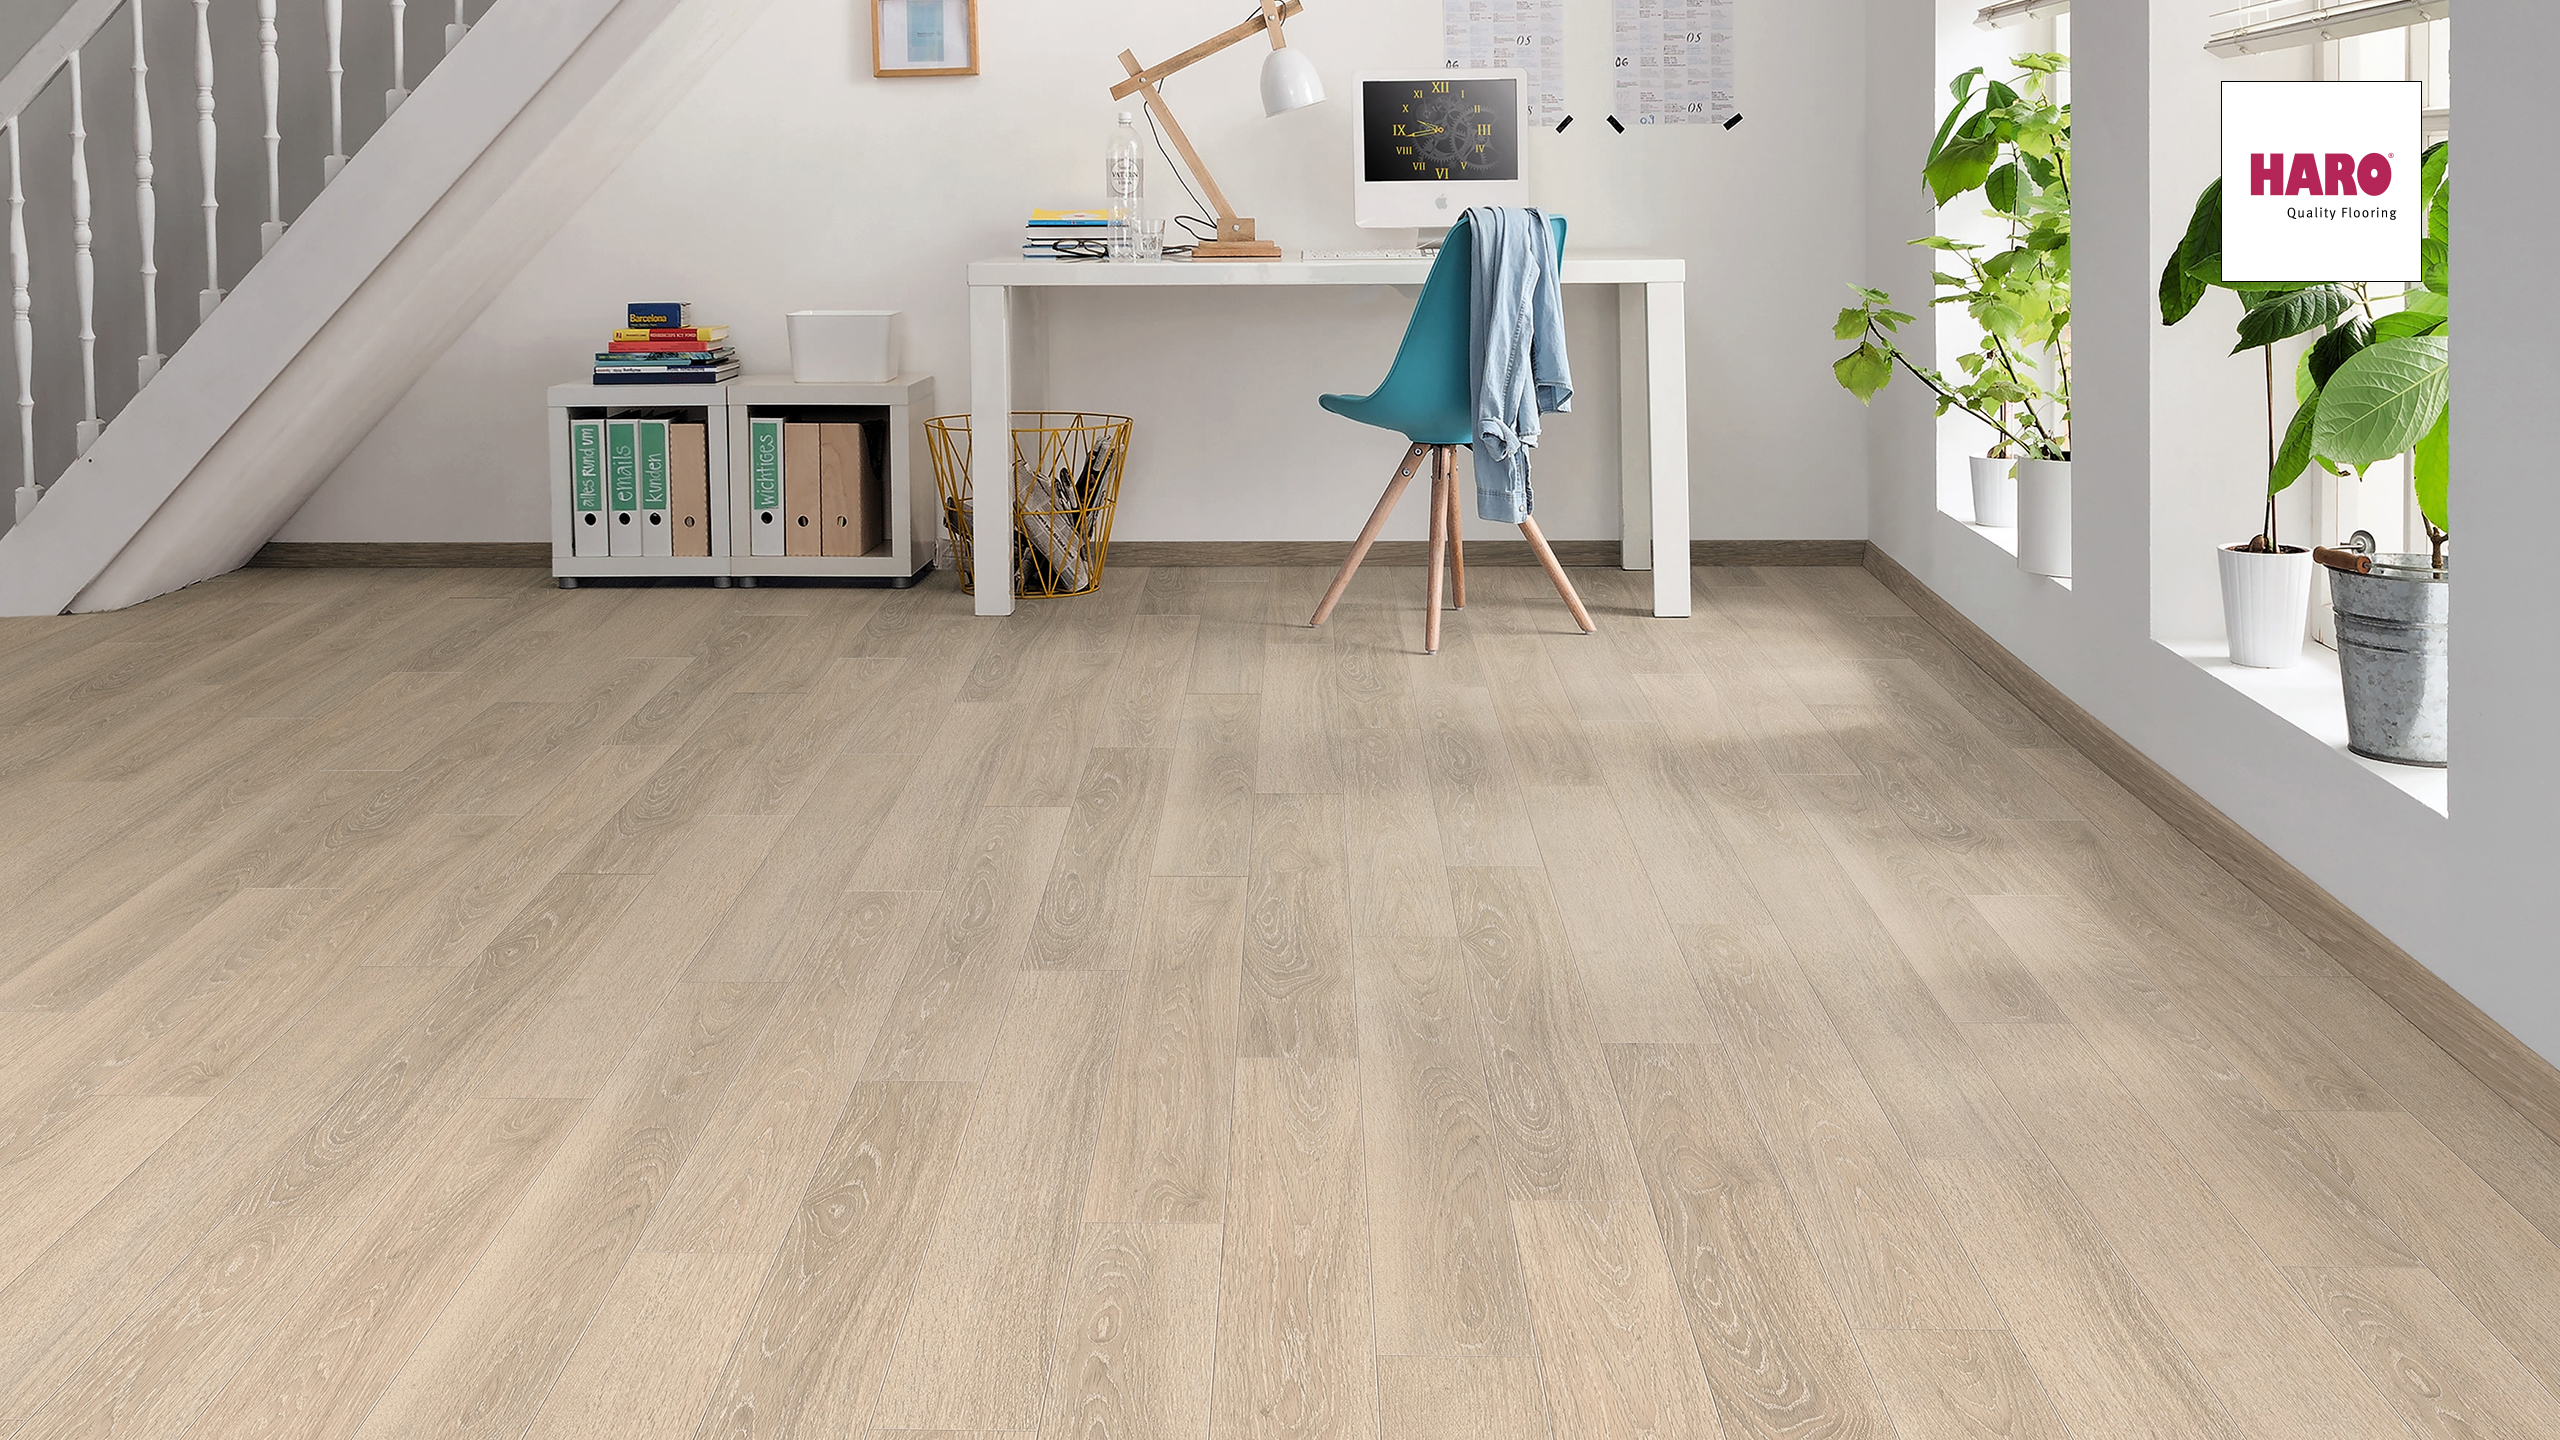 535371 haro tritty 100 landhausdiele loft 4v eiche weiss gekalkt authentic. Black Bedroom Furniture Sets. Home Design Ideas